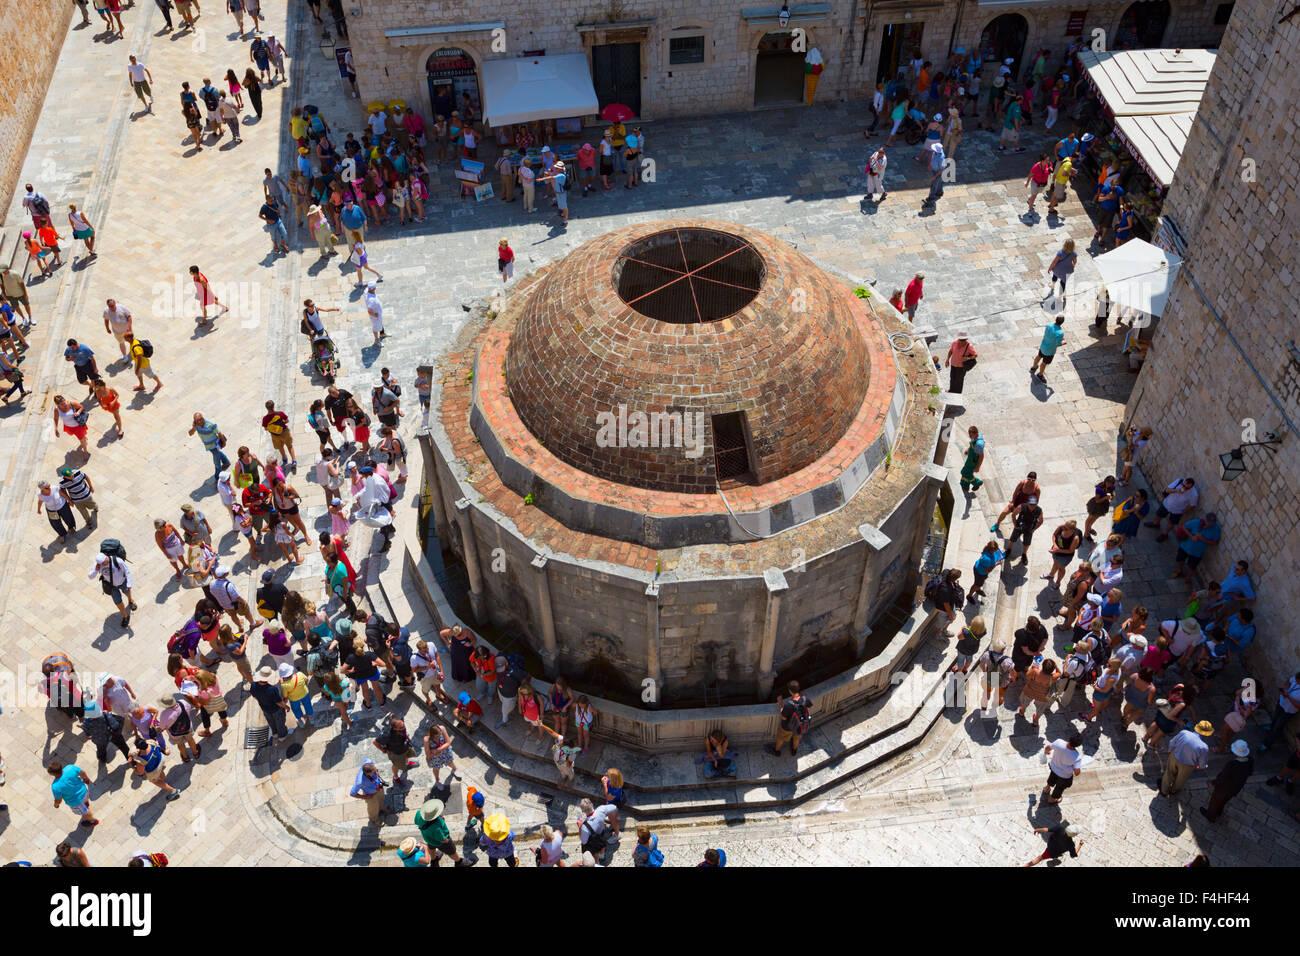 Dubrovnik, del condado de Dubrovnik-Neretva, en Croacia. La gran fuente de Onofrio. Foto de stock